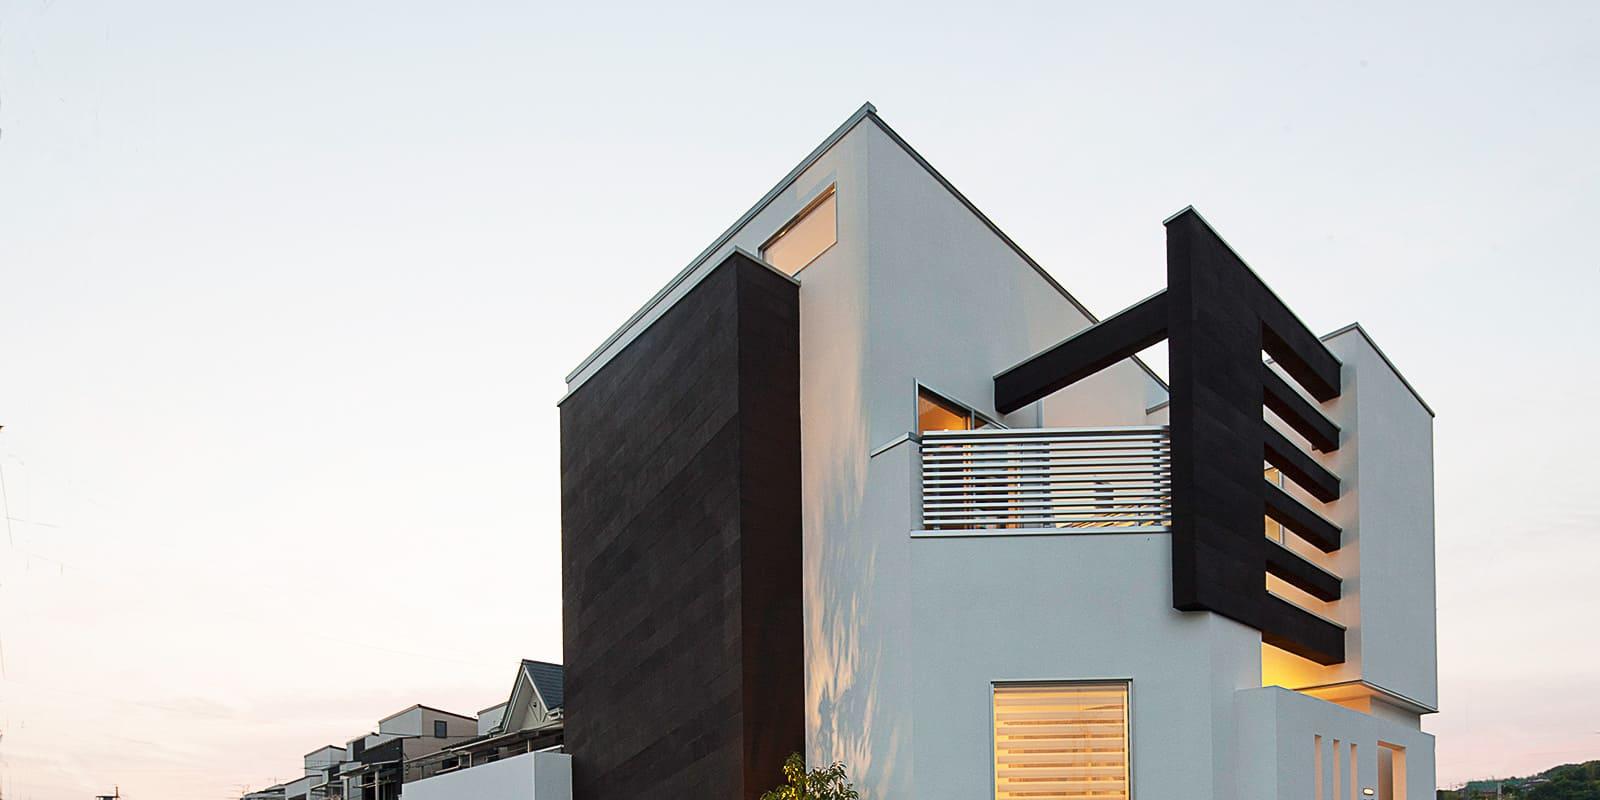 全部見せます!!【家ツアー】『インパクトデザインの家』その1